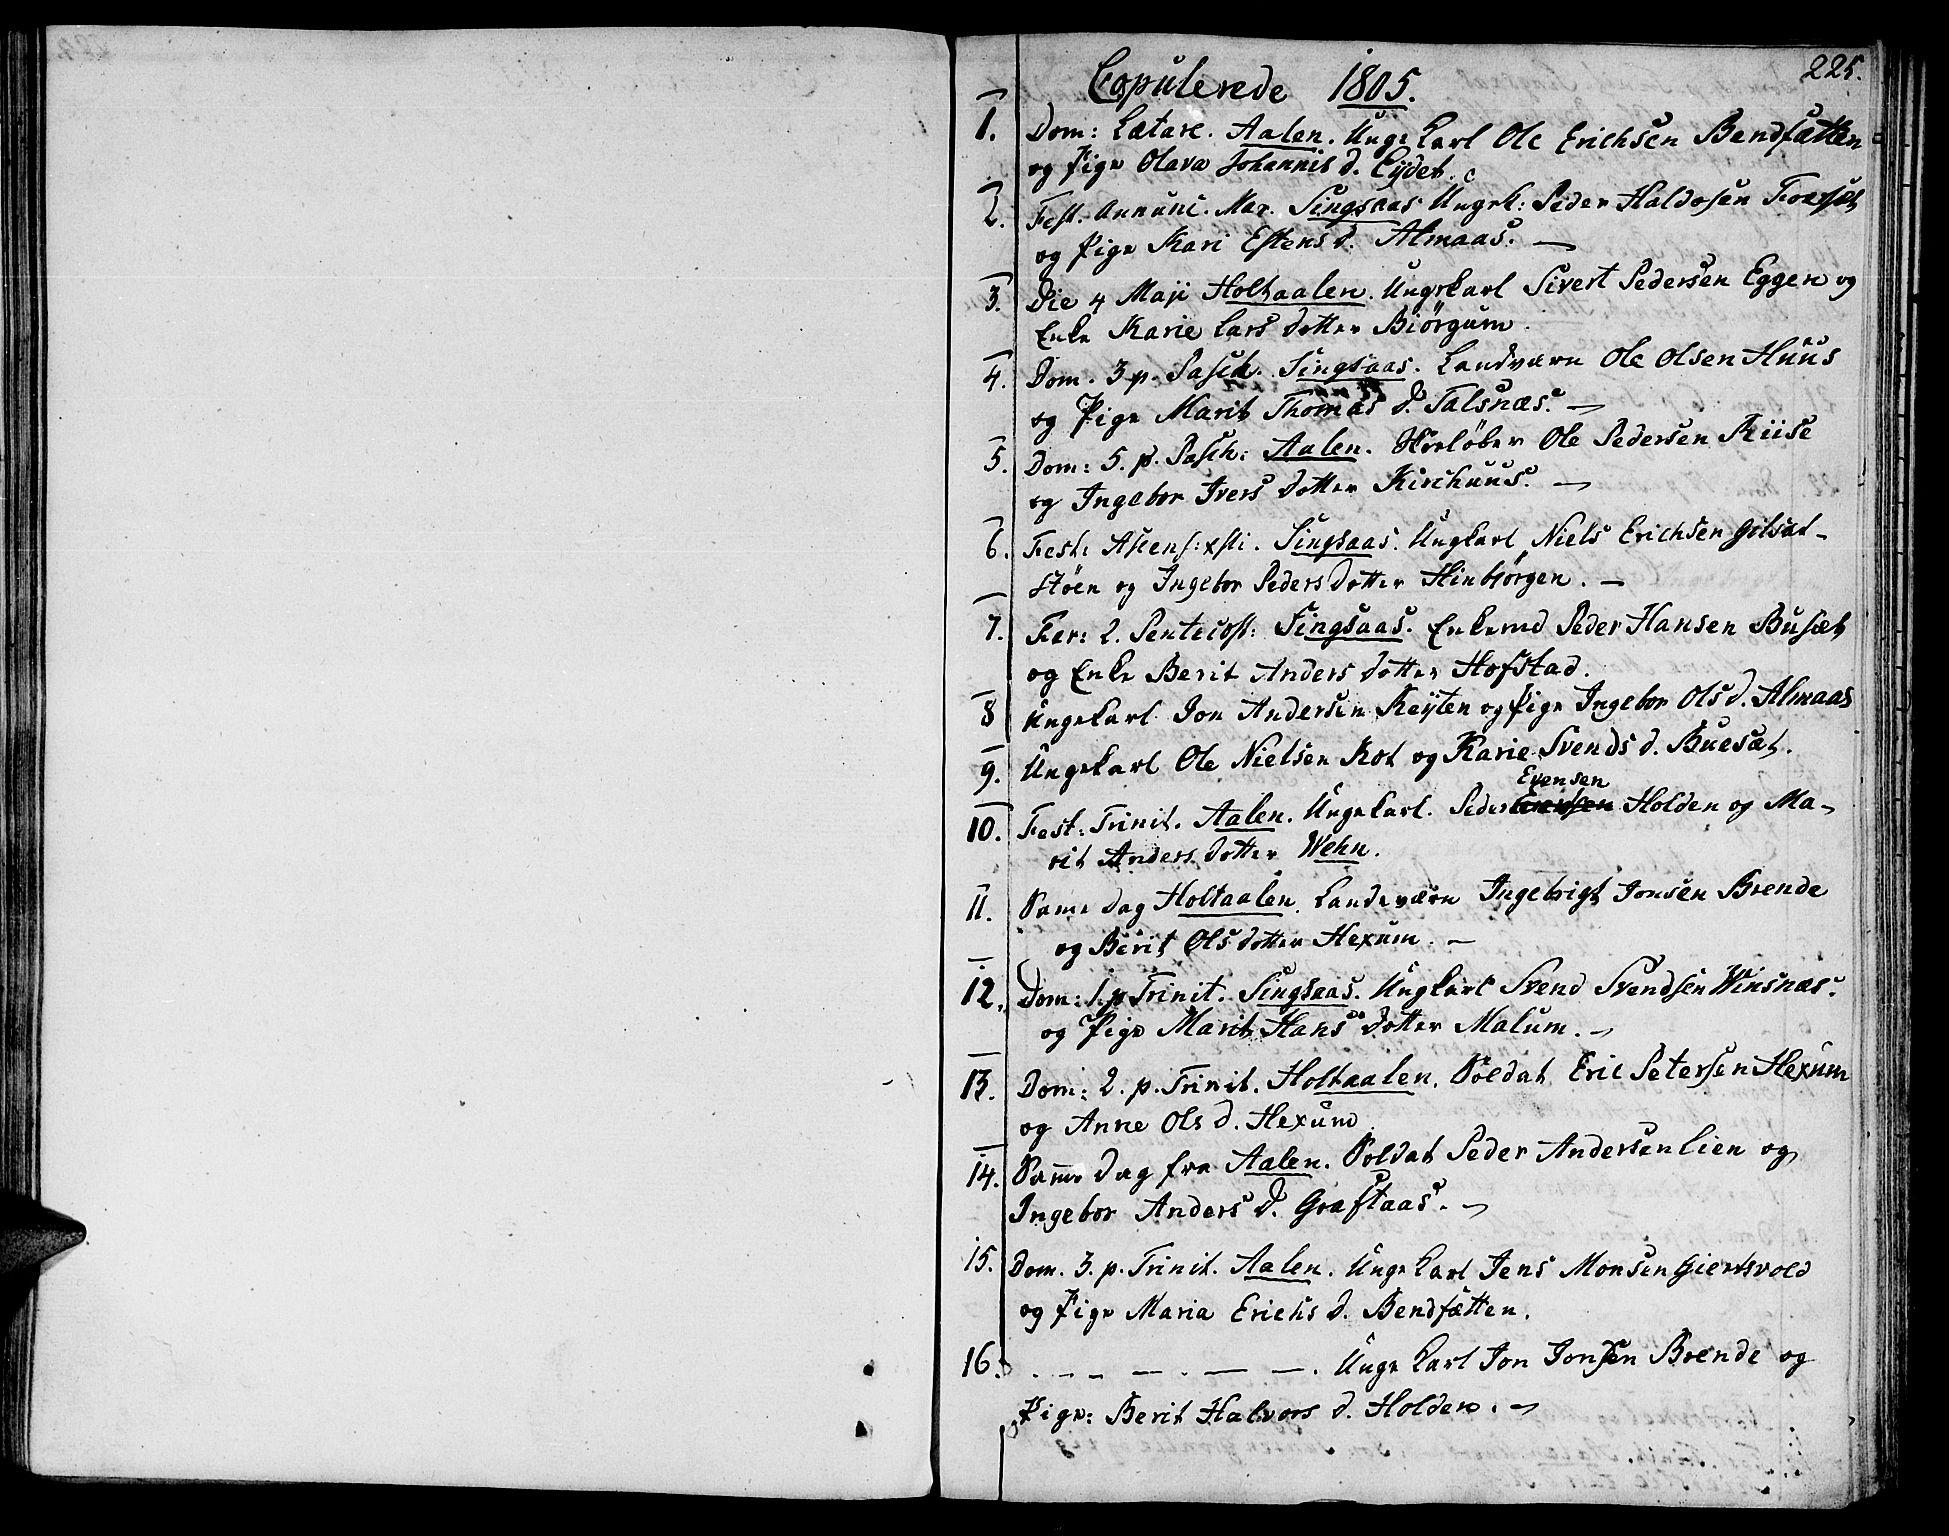 SAT, Ministerialprotokoller, klokkerbøker og fødselsregistre - Sør-Trøndelag, 685/L0953: Ministerialbok nr. 685A02, 1805-1816, s. 225